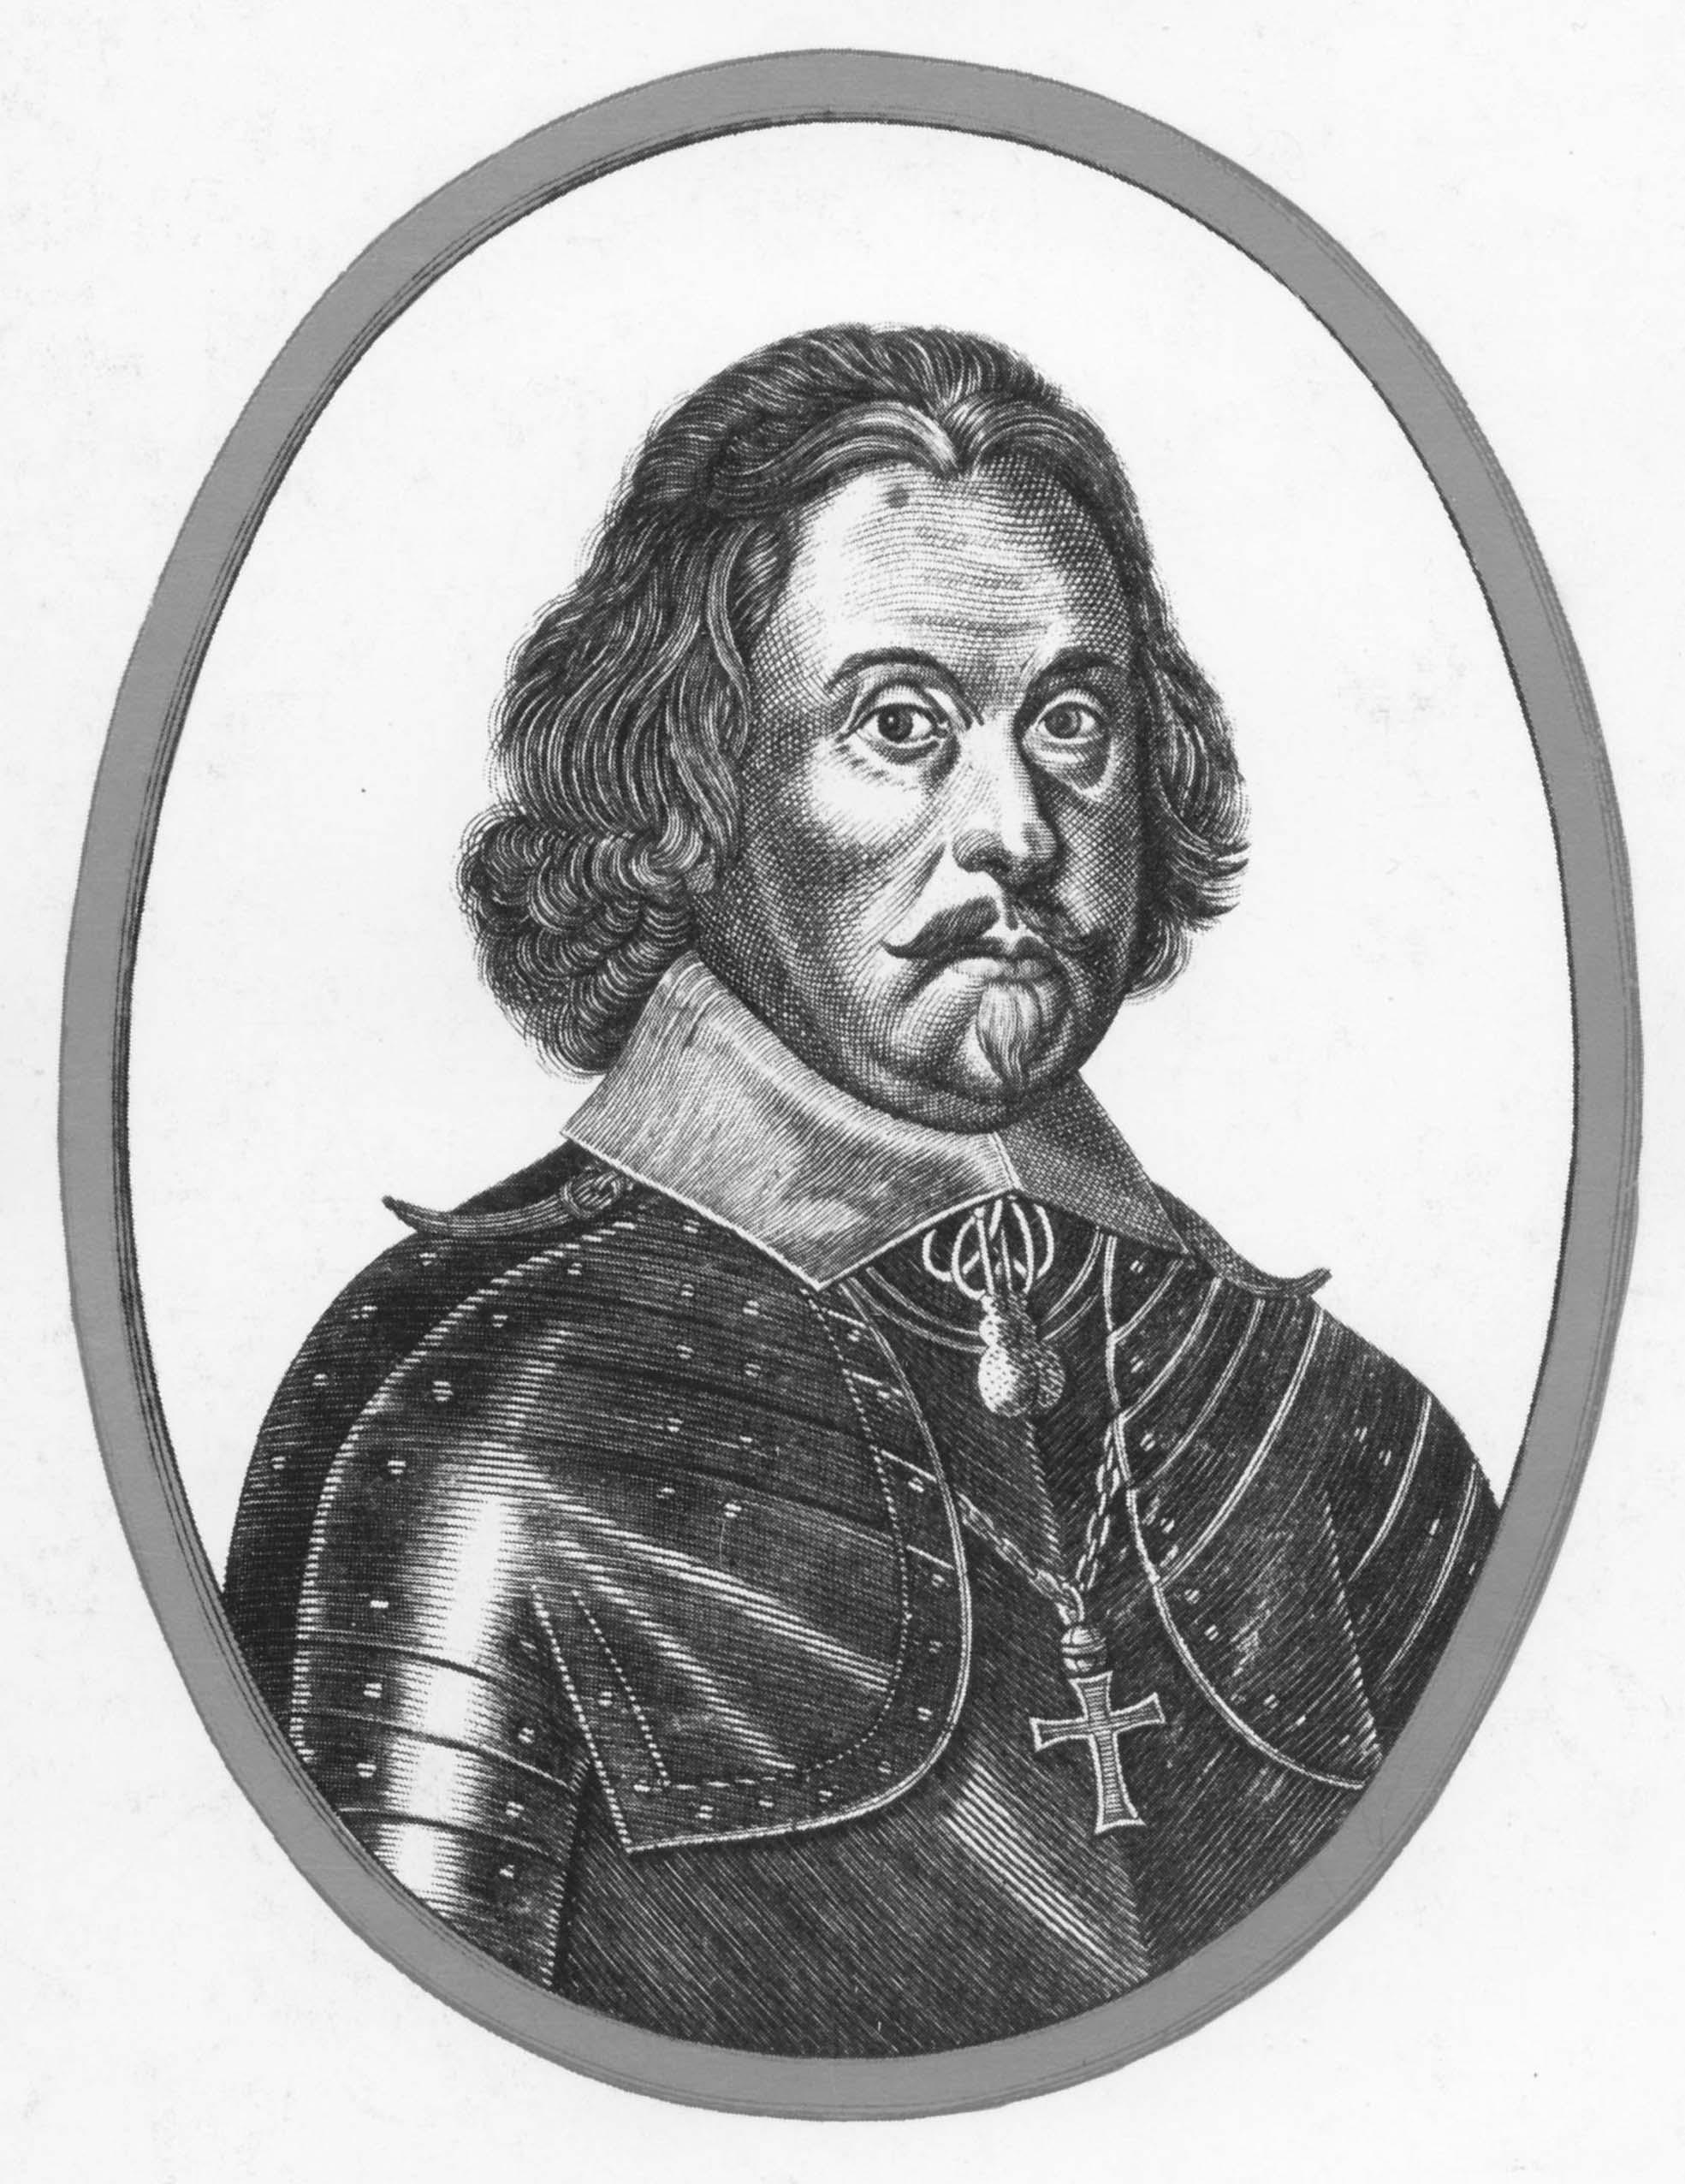 Godfried Huyn van Geleen